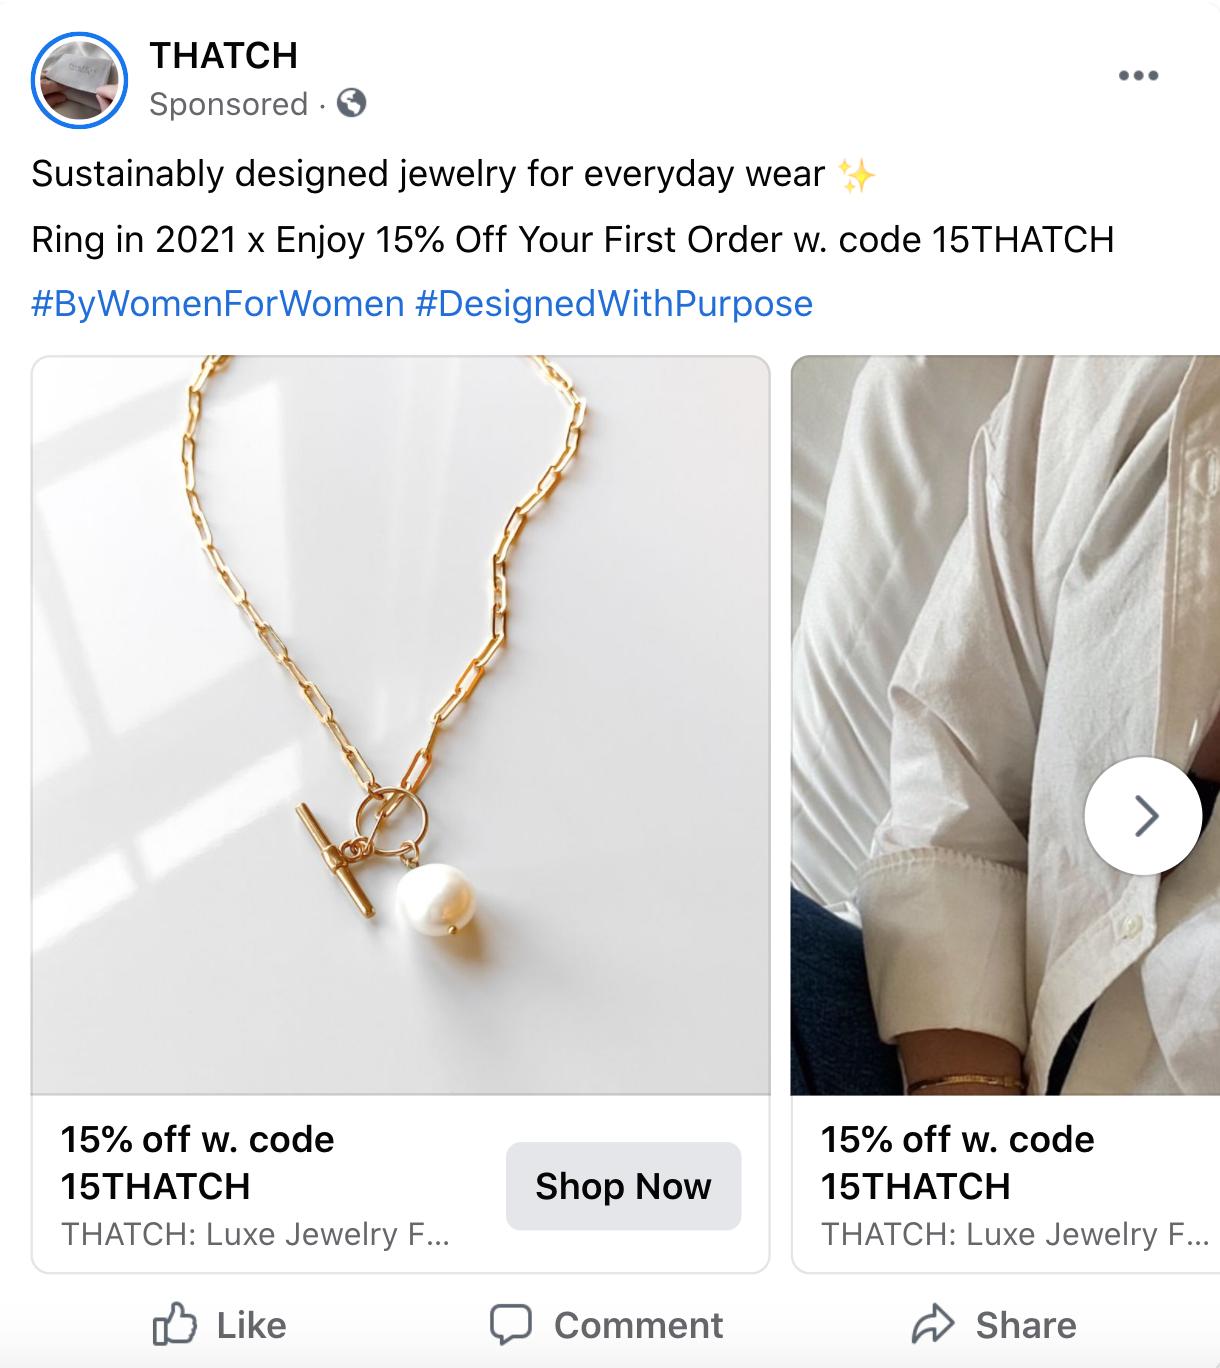 luxury jewelry e-commerce case study